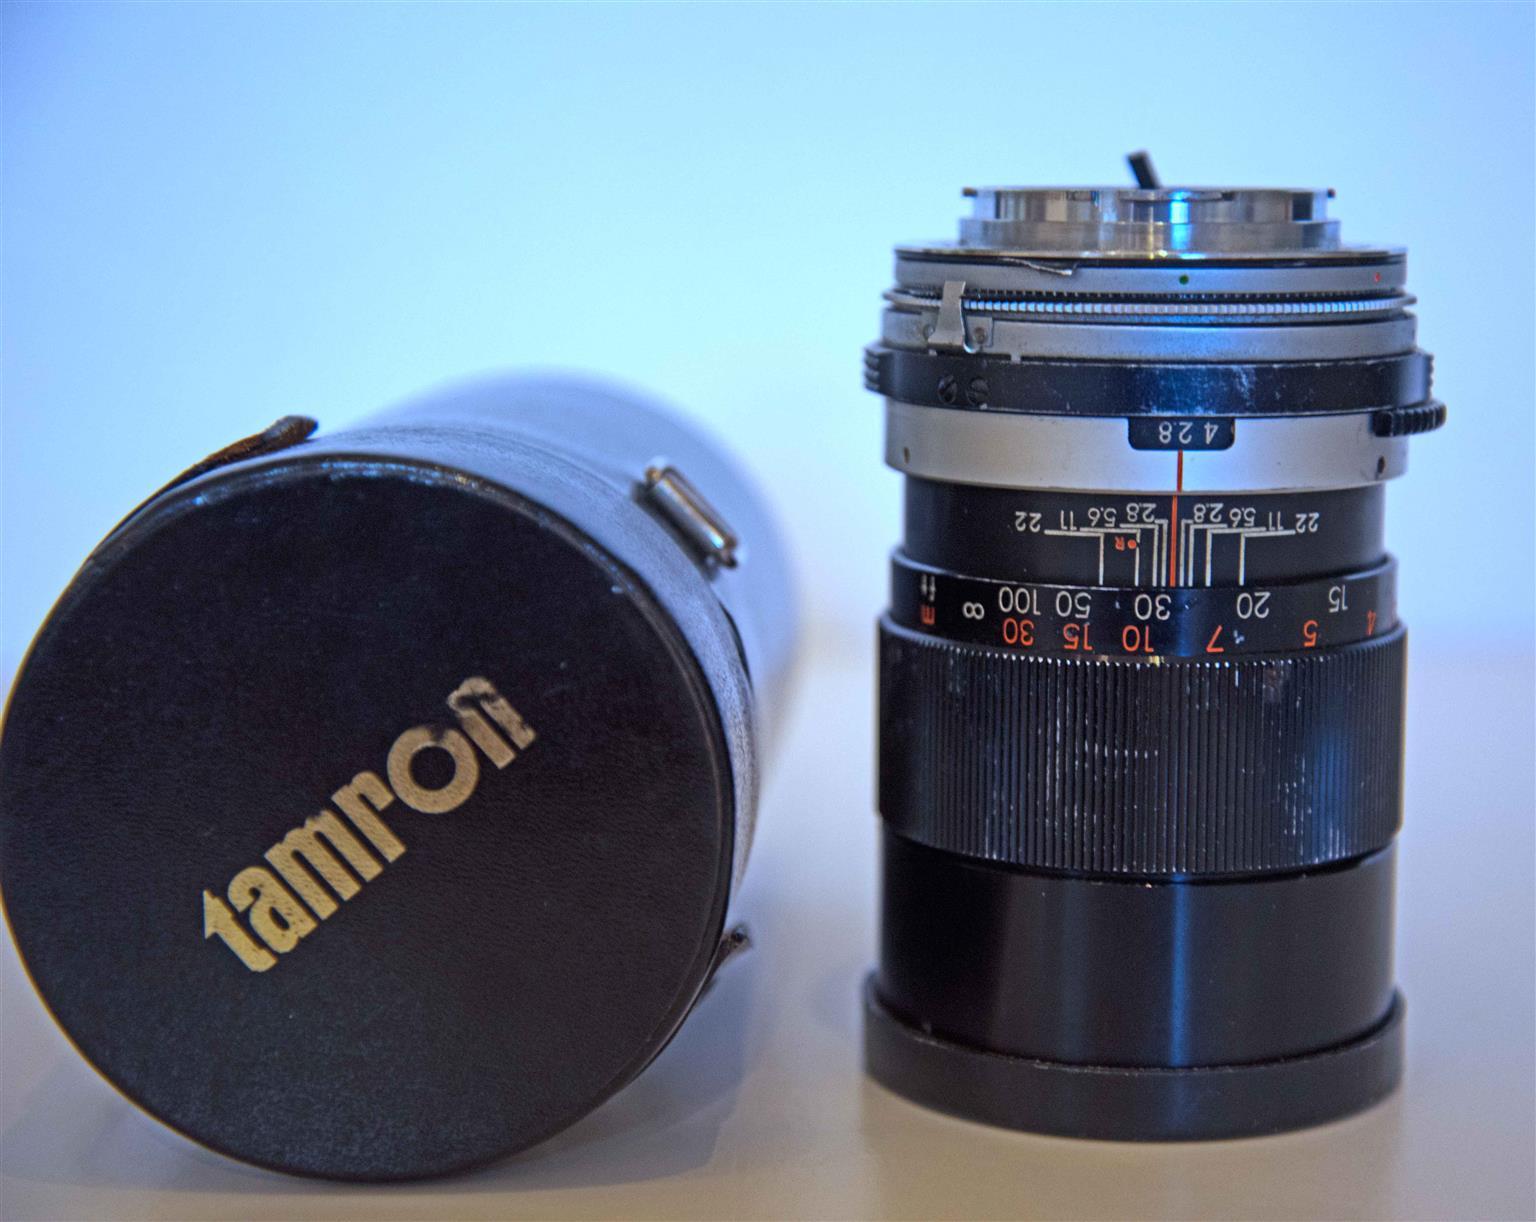 Tamron 135 mm. lens